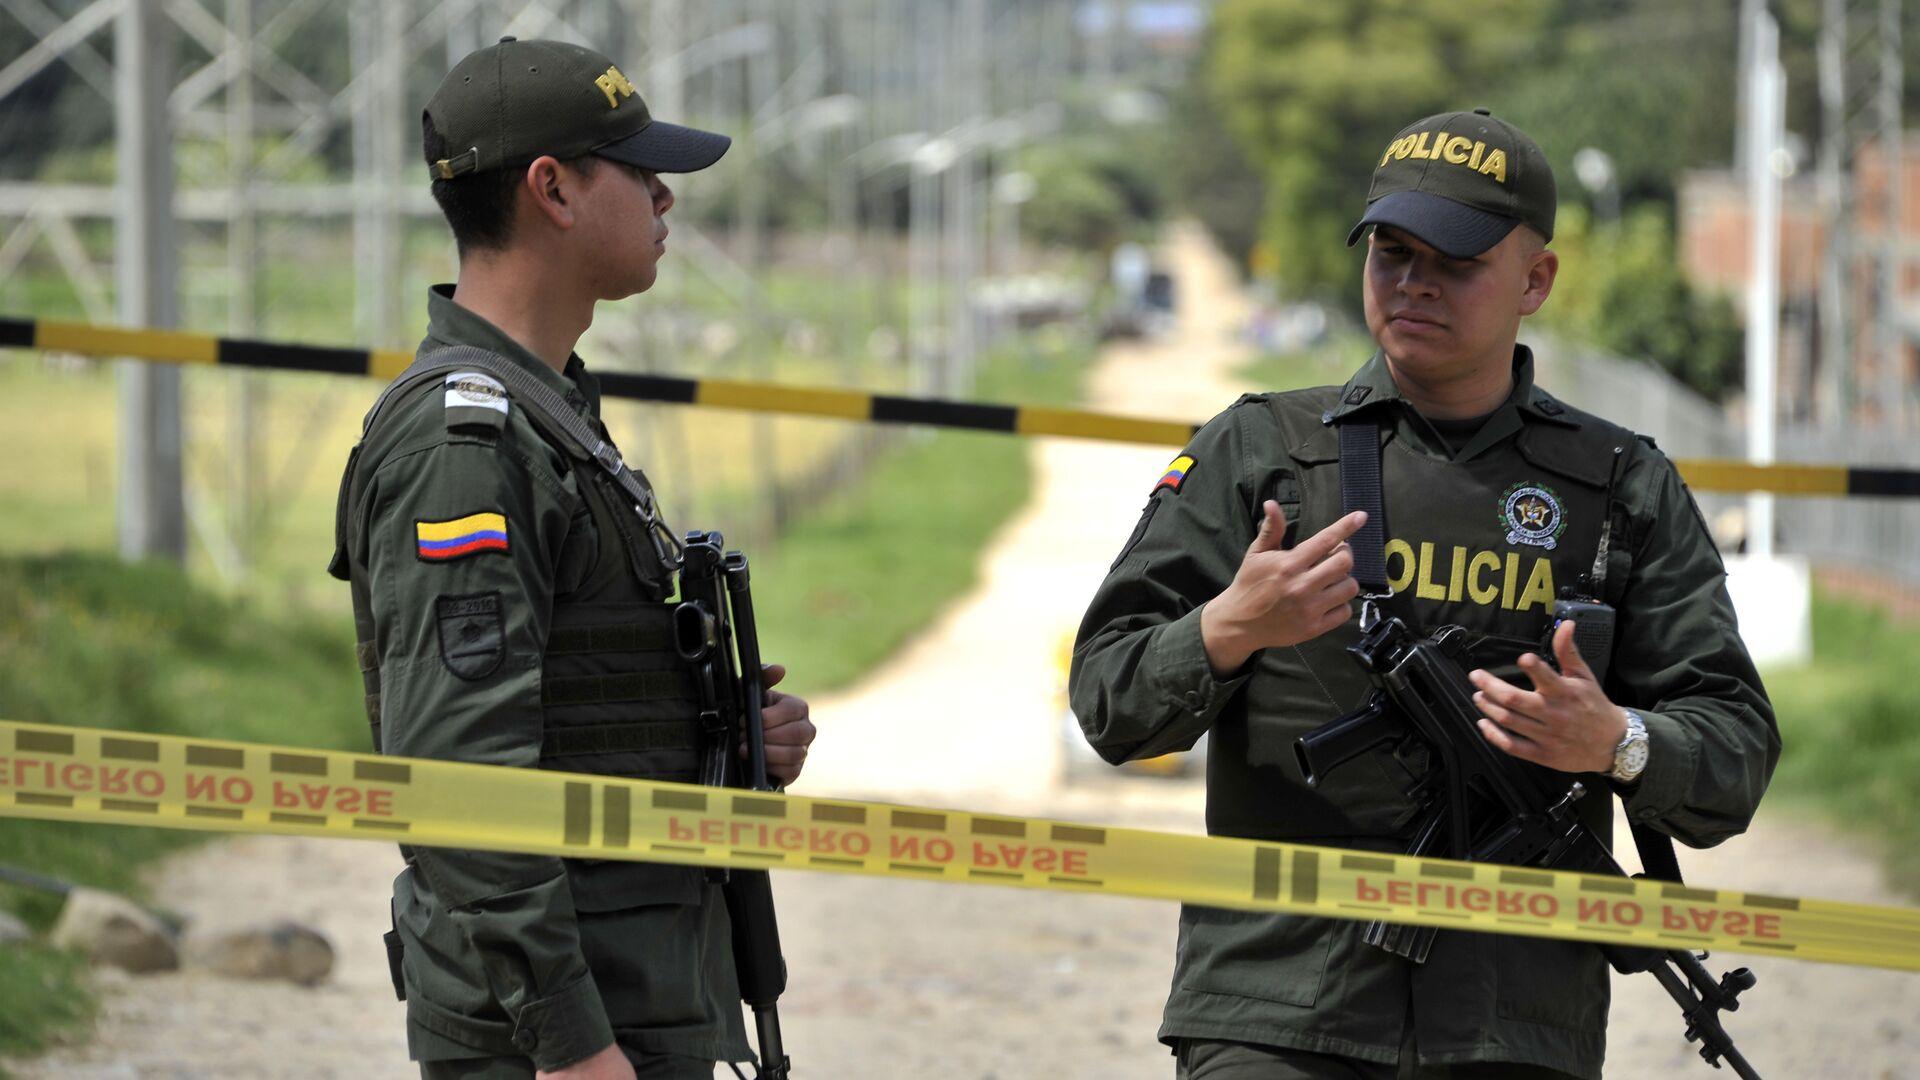 Policía colombiana (Archivo) - Sputnik Mundo, 1920, 20.08.2021